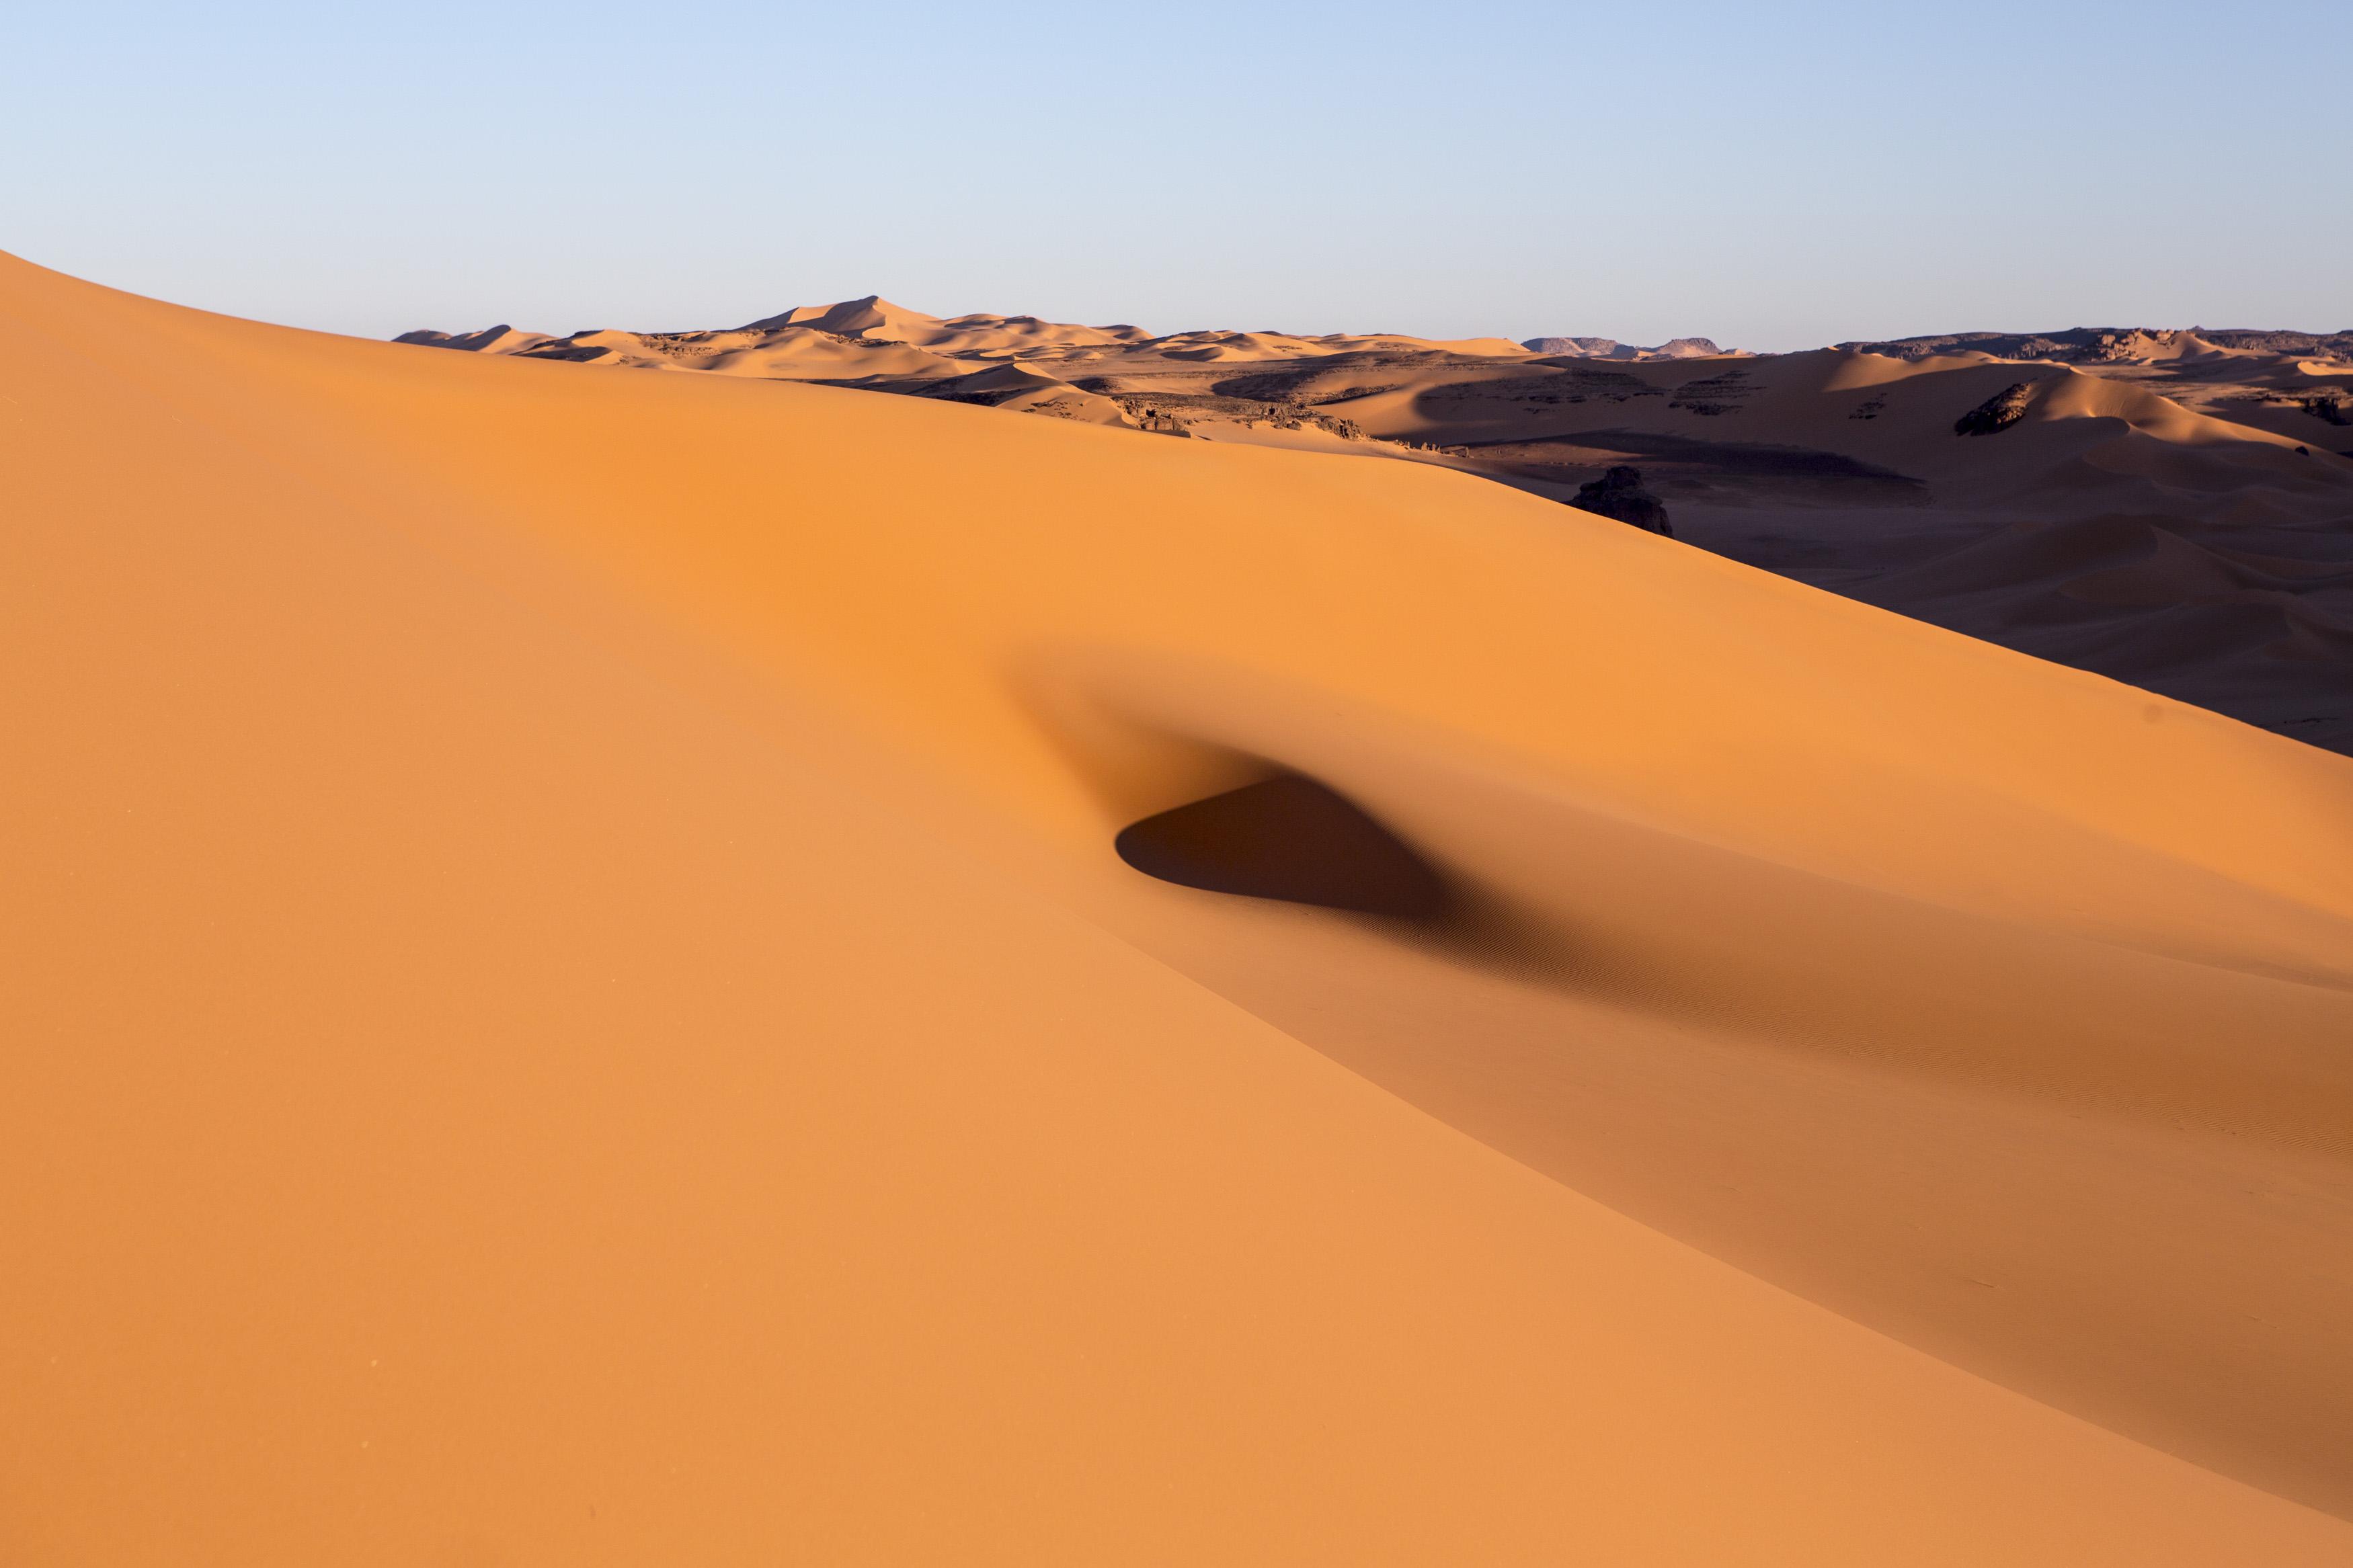 Landscape of the Tadrart.The Tadrart (200 km southeast of Djanet) is located in the south of the Tassili N'Ajjer National Park and is part of one of the most beautiful desert in the world but above all the central Sahara.From huge canyons to cliffs carved with rocky peaks of various shapes mix with dunes of colored sand with yellow and red reflections. The Tadrart, Algeria-February 6, 2017. Paysage de la Tadrart. La Tadrart (200 km au sud-est de Djanet) se situe dans le sud du Parc National du Tassili N'Ajjer et il fait partie d'un des plus beau désert au monde mais avant tout du Sahara central. D'immenses canyons aux falaises sculptées avec de pitons rocheux aux formes les plus diverses  se mélangent avec des dunes de sable coloré aux reflets jaune et rouge. La Tadrart, Algérie-6 février 2017.